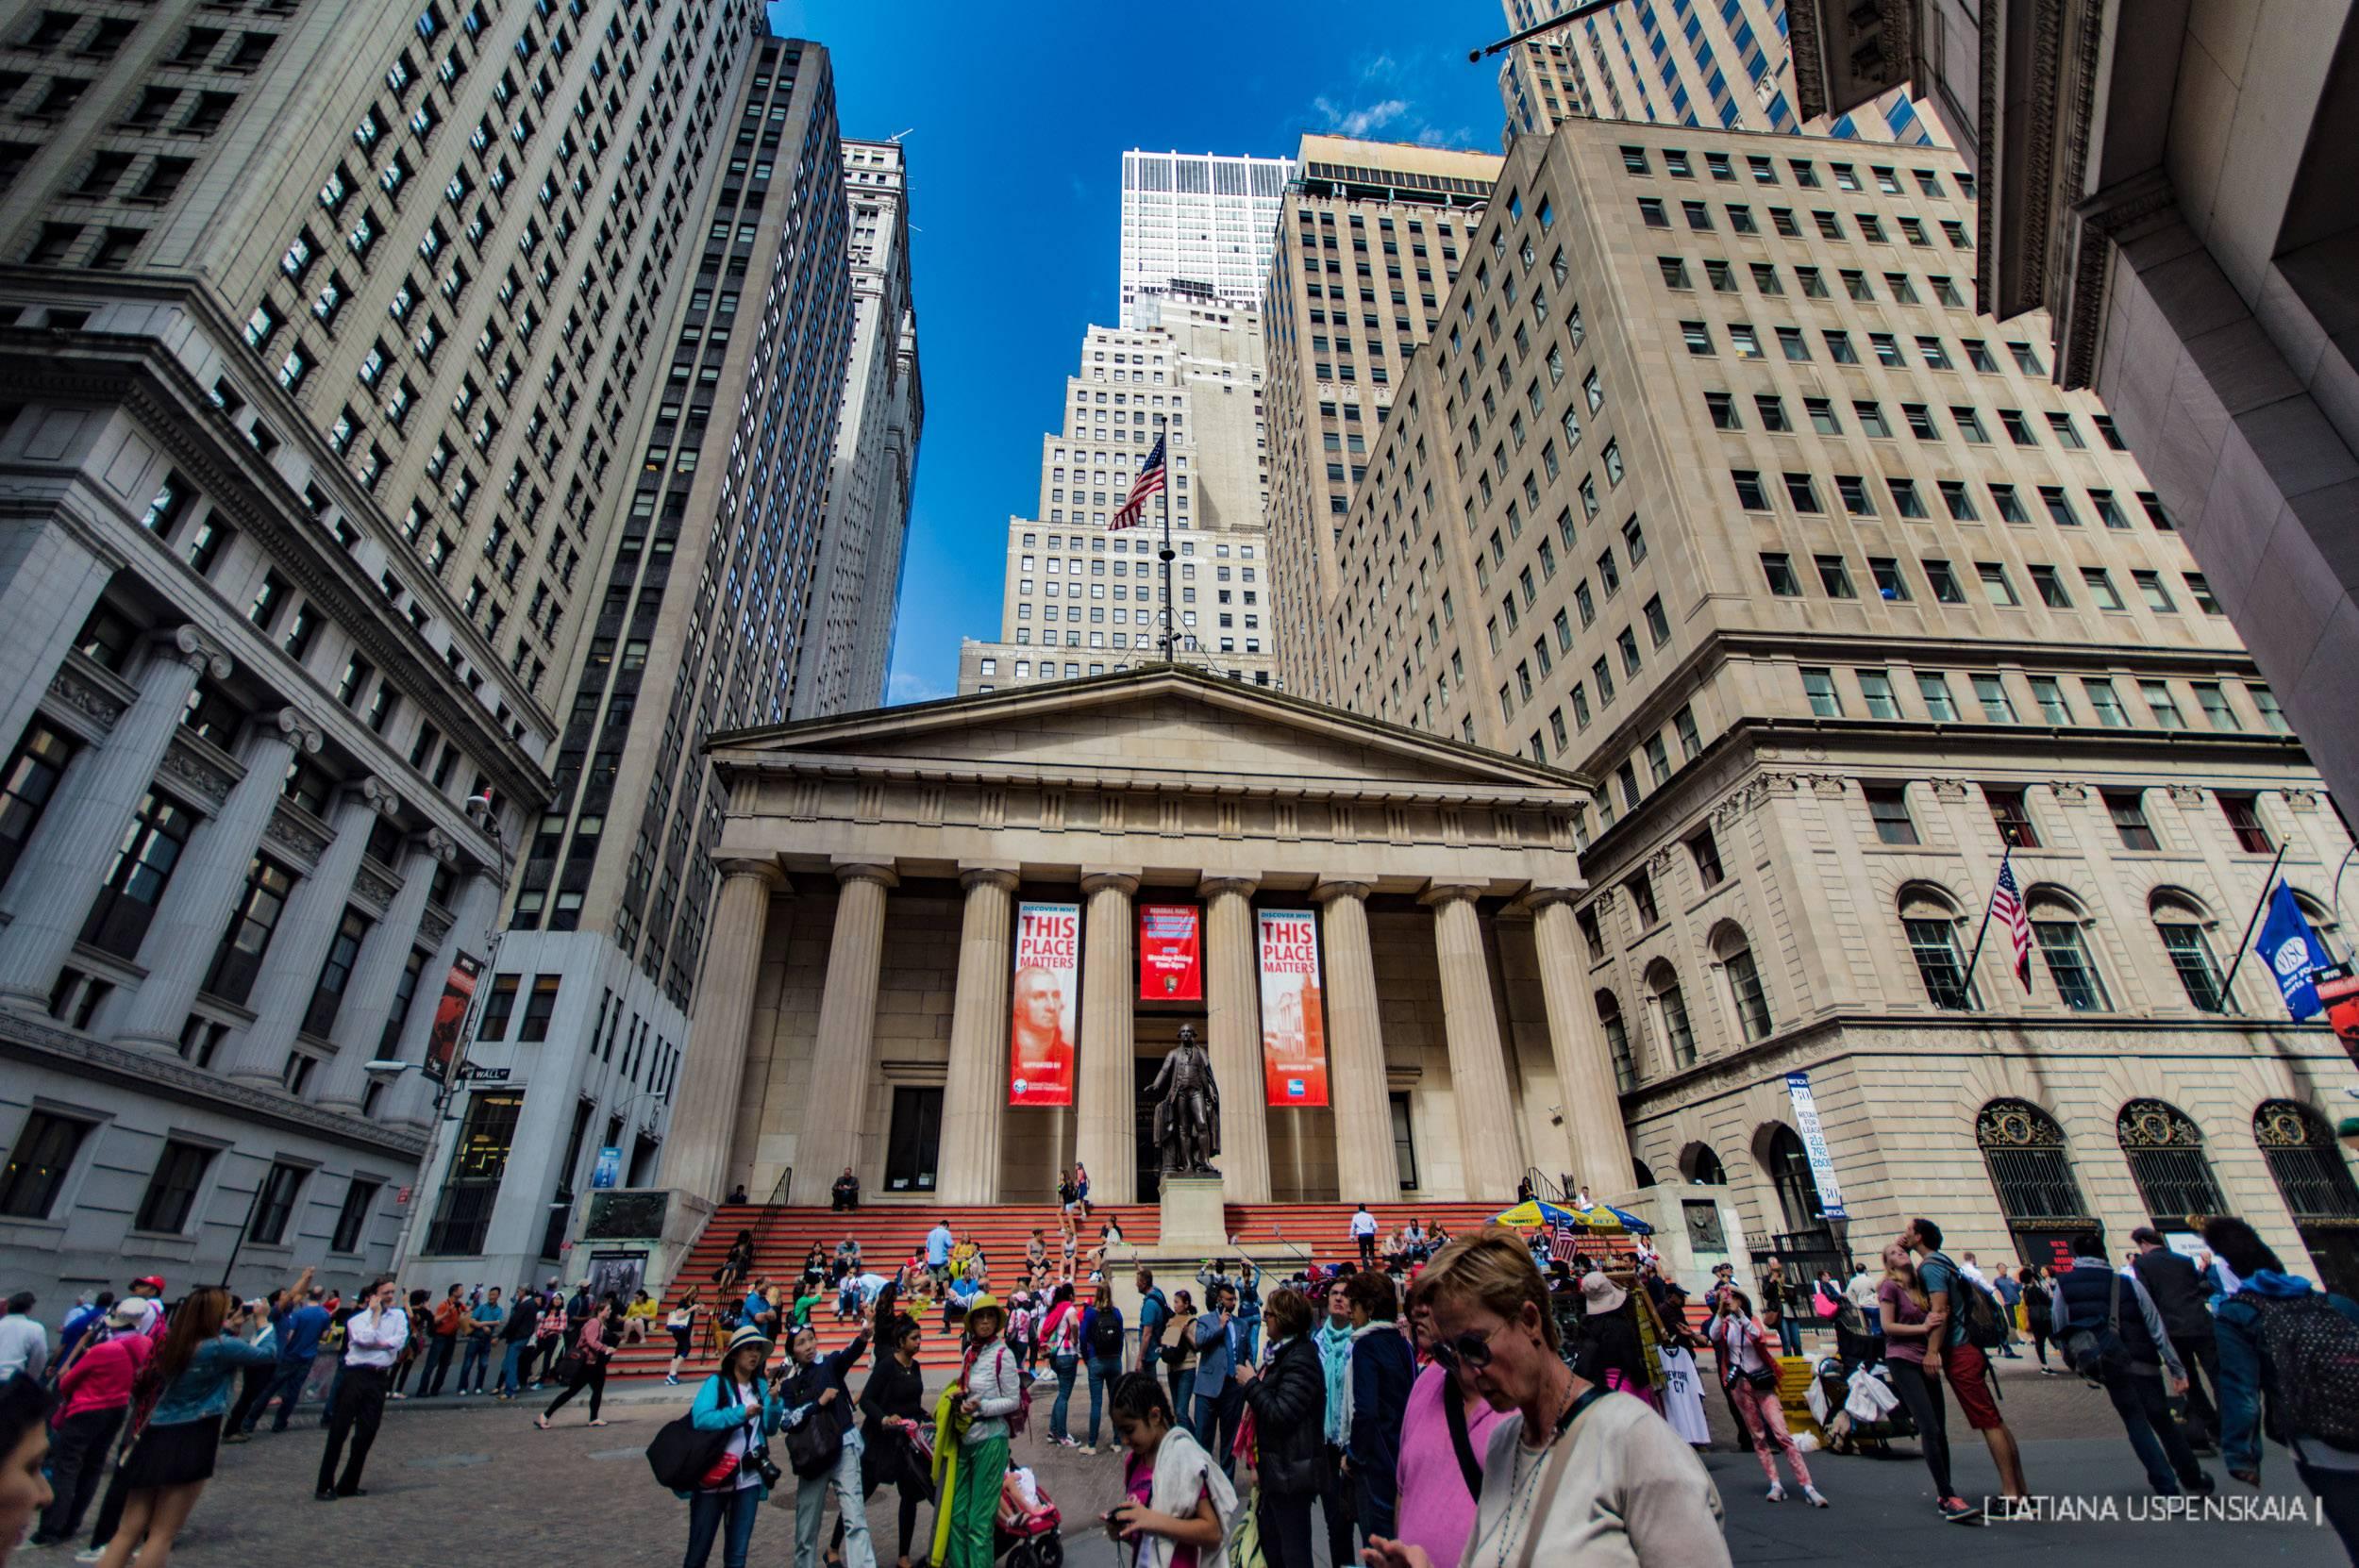 Моя эмиграция в америку или жизнь в нью-йорке   не сидится - клуб желающих переехать